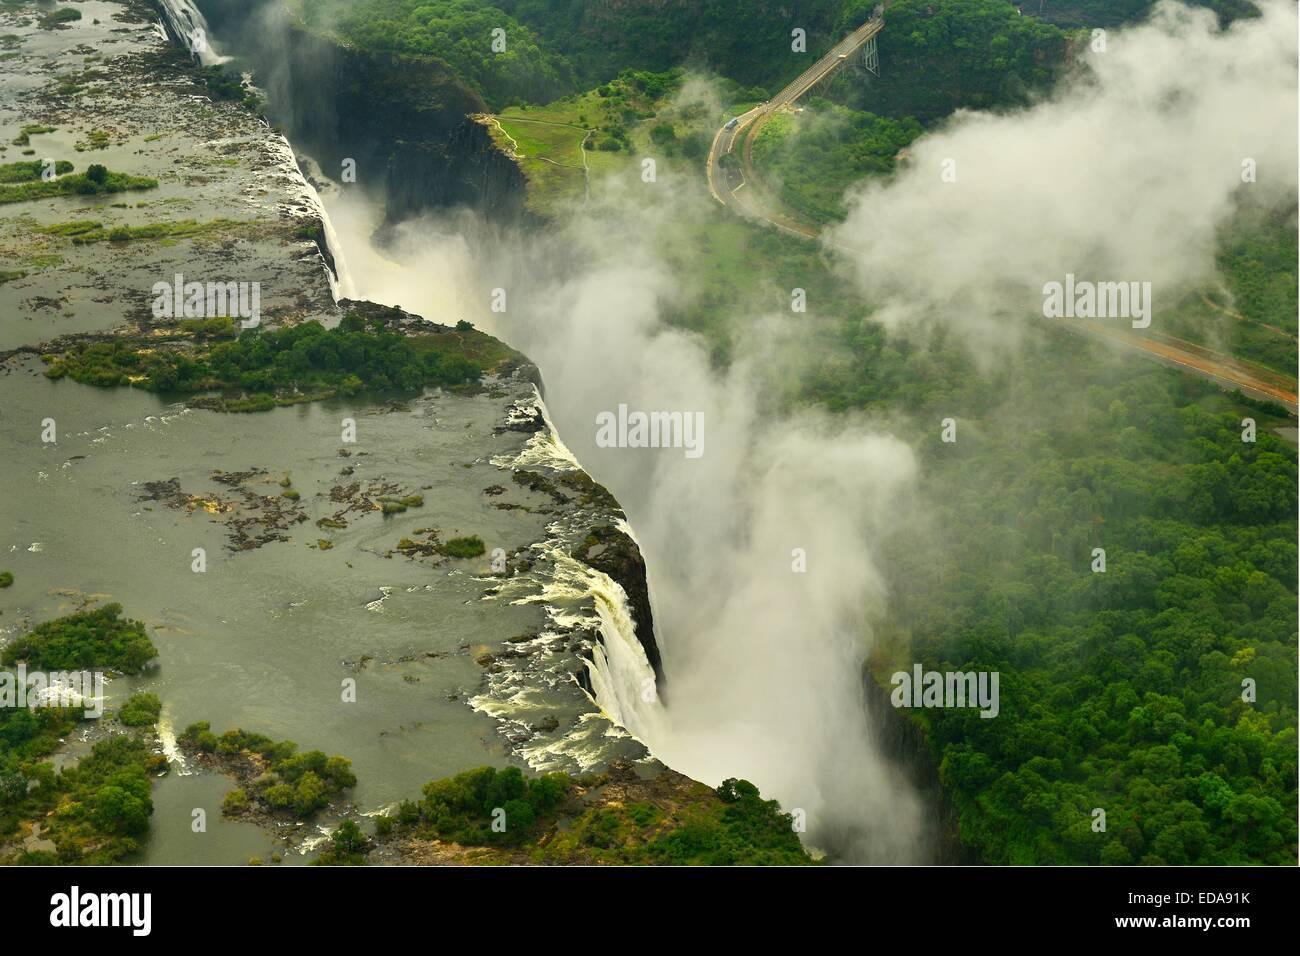 Imagen aérea de las Cataratas Victoria y el spray tomada desde el lado de Zimbabwe y mirando hacia Zambia. Imagen De Stock